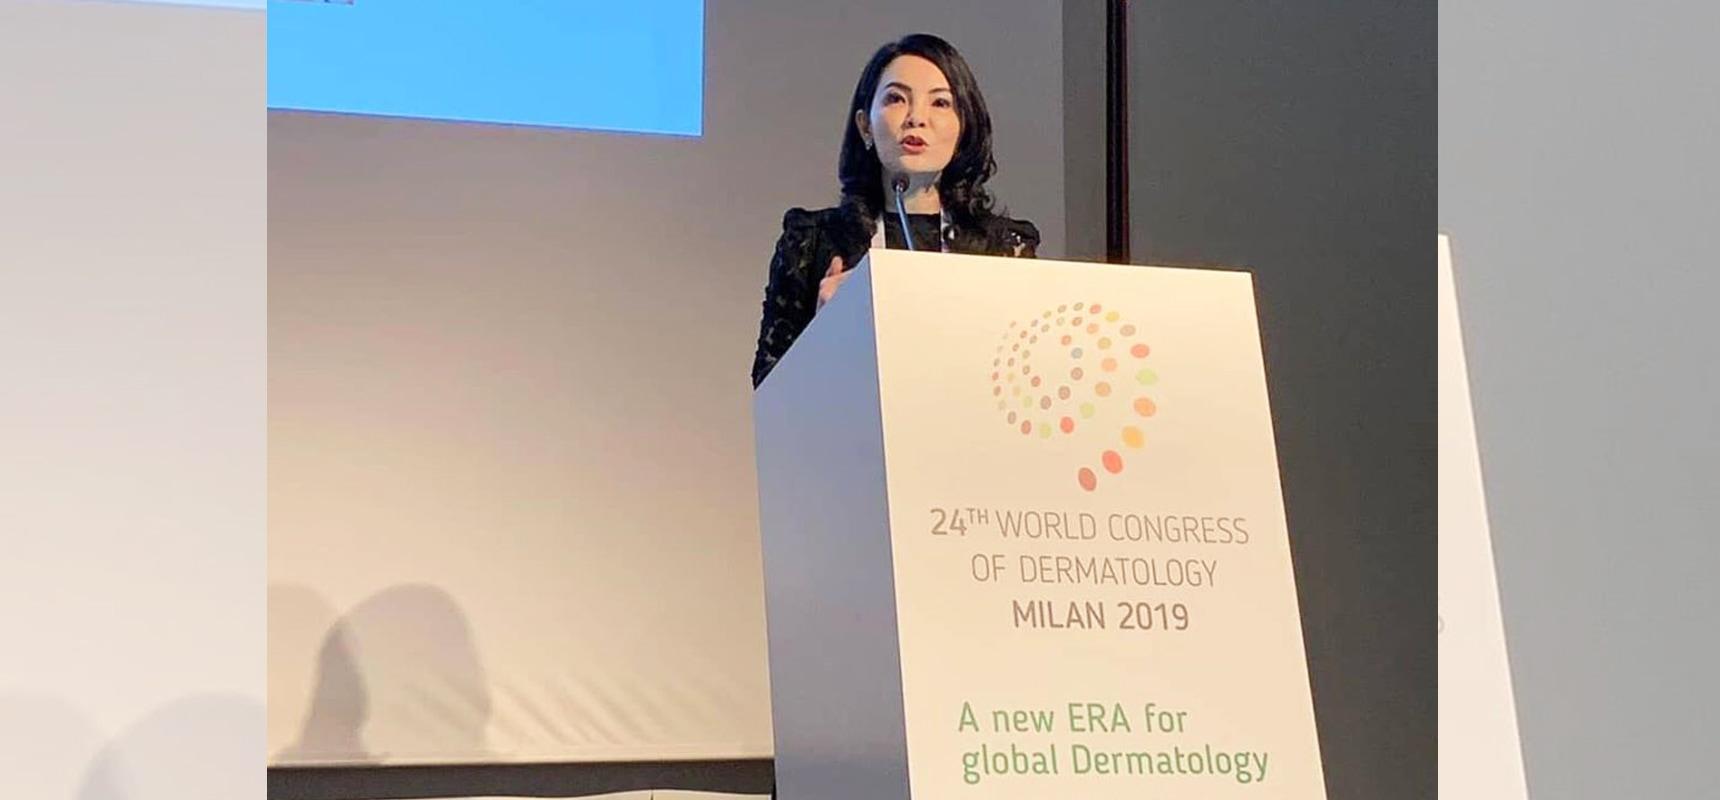 แพทย์ไทยร่วมบรรยายในเวทีประชุมระดับโลก World Congress of Dermatology